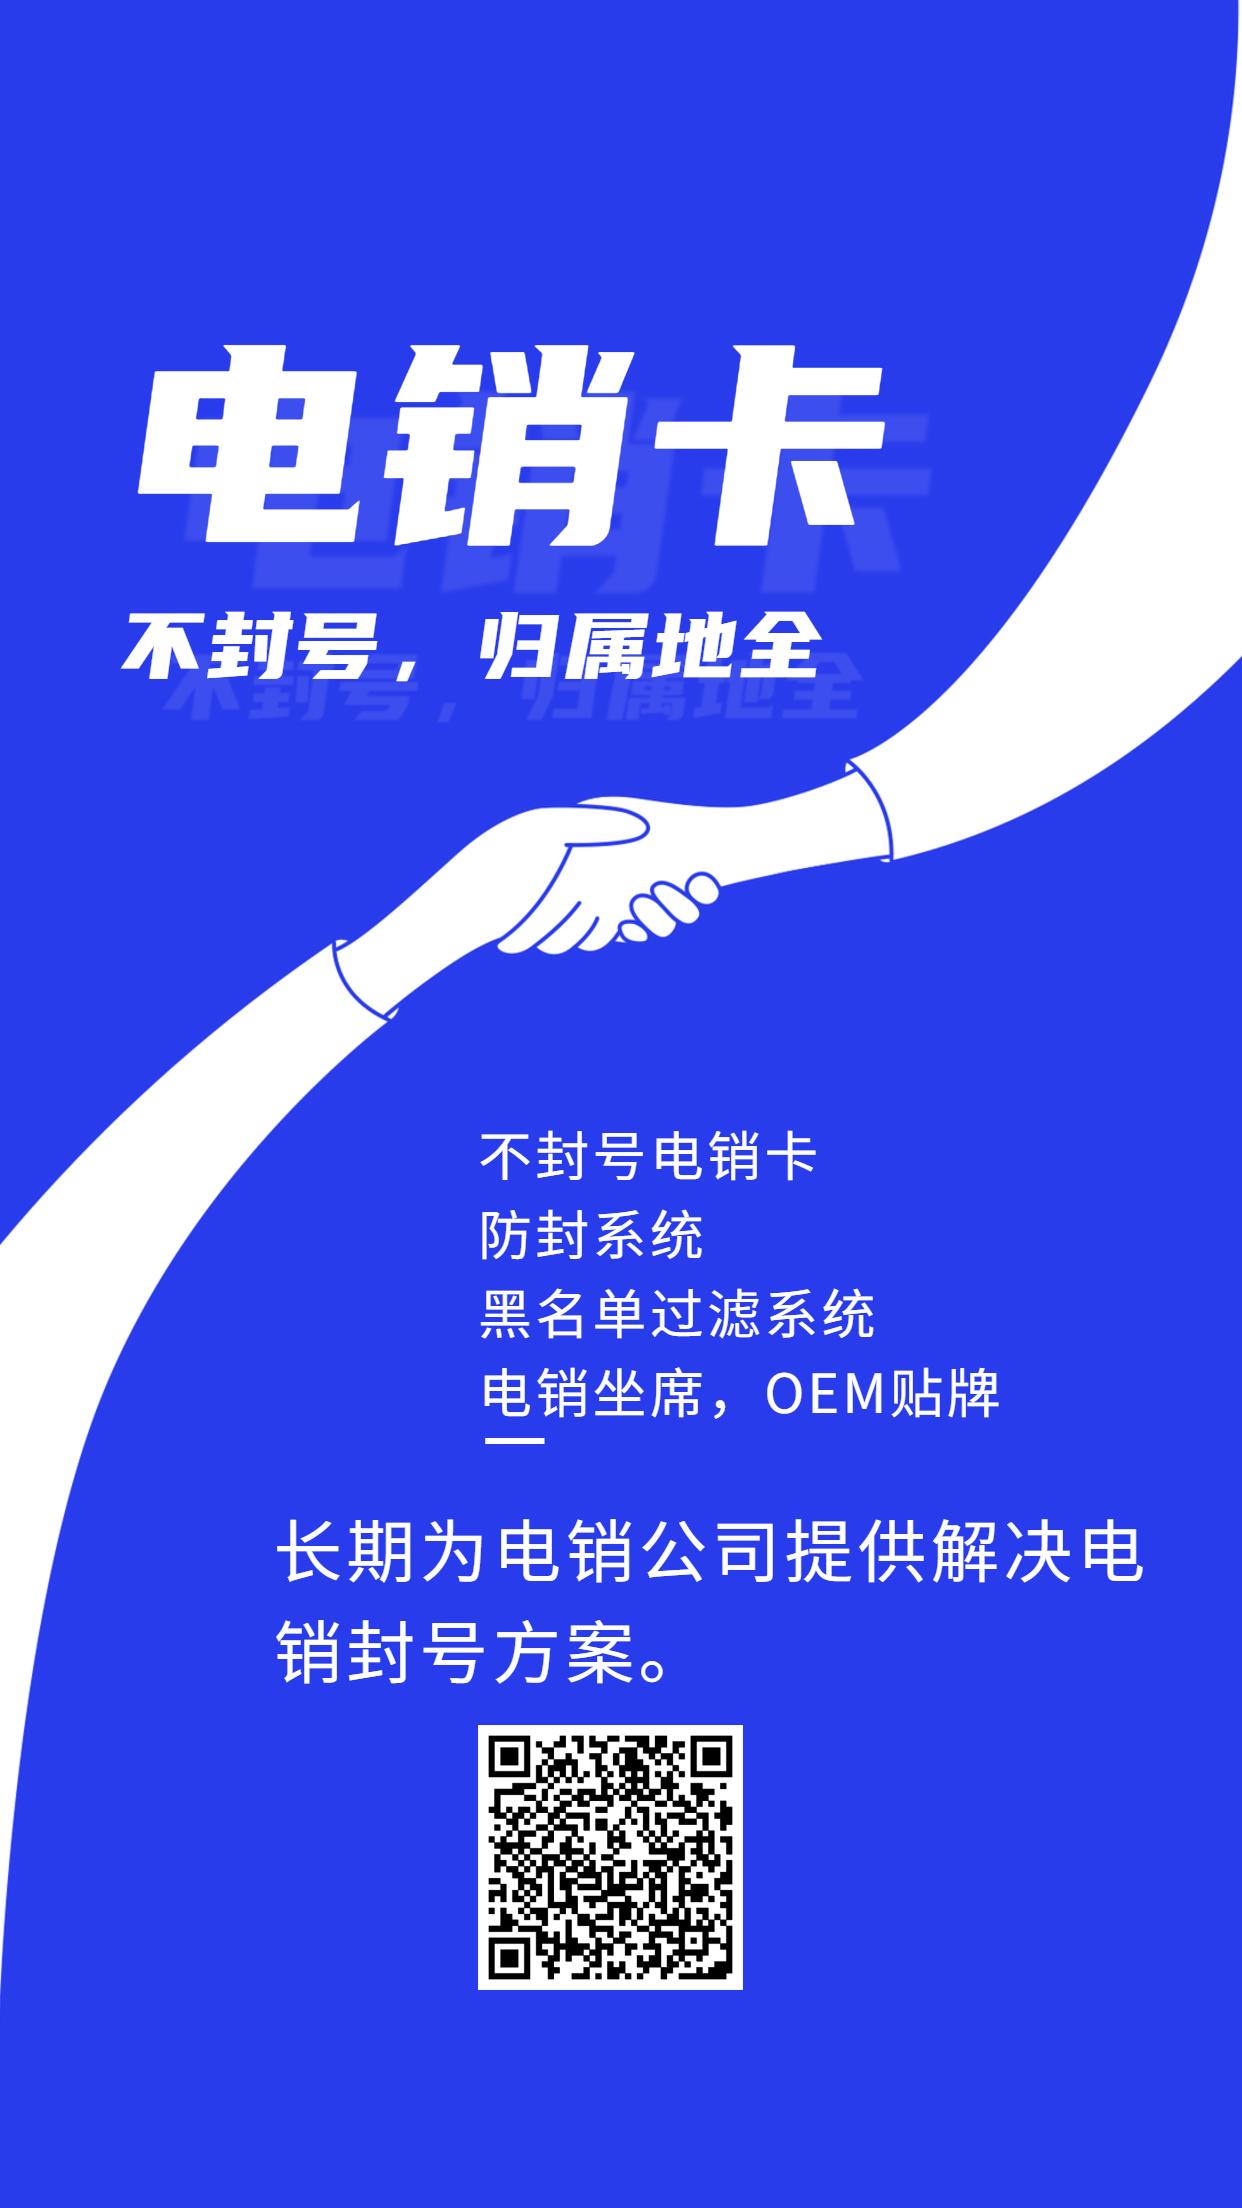 合作共赢简约招聘入职海报.jpg